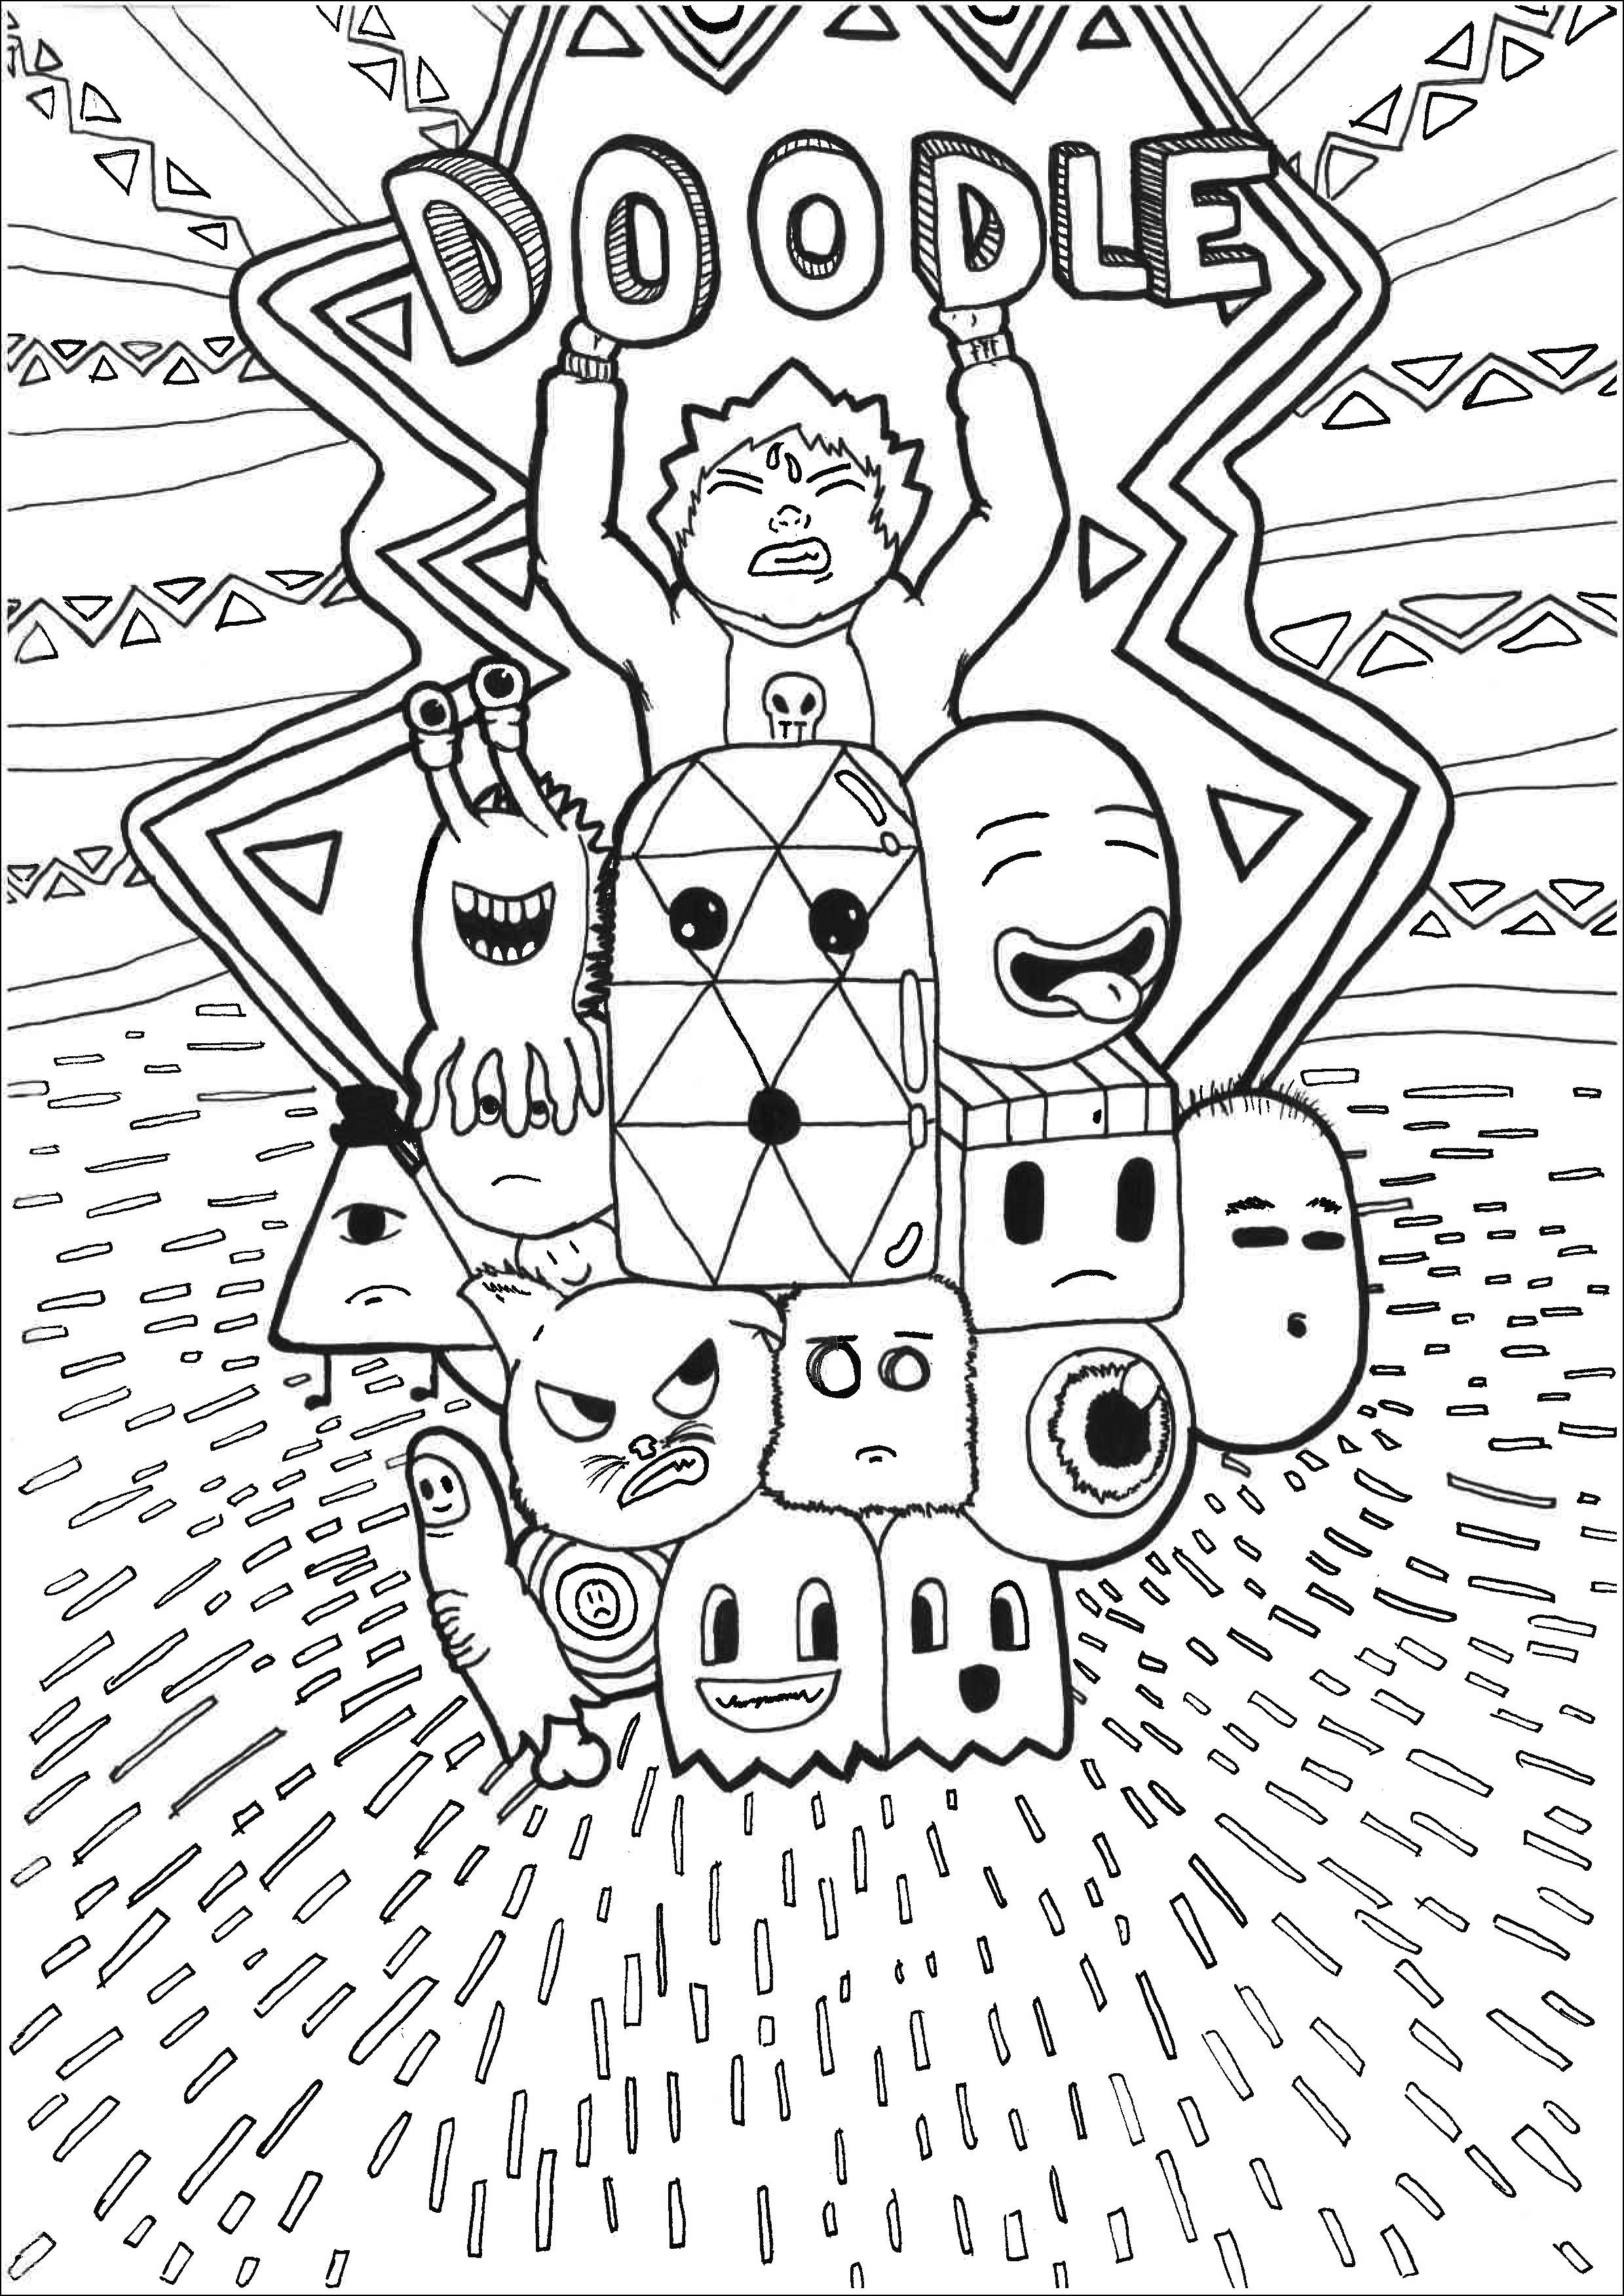 Doodle personnages - Coloriage Doodle Art - Coloriages ...